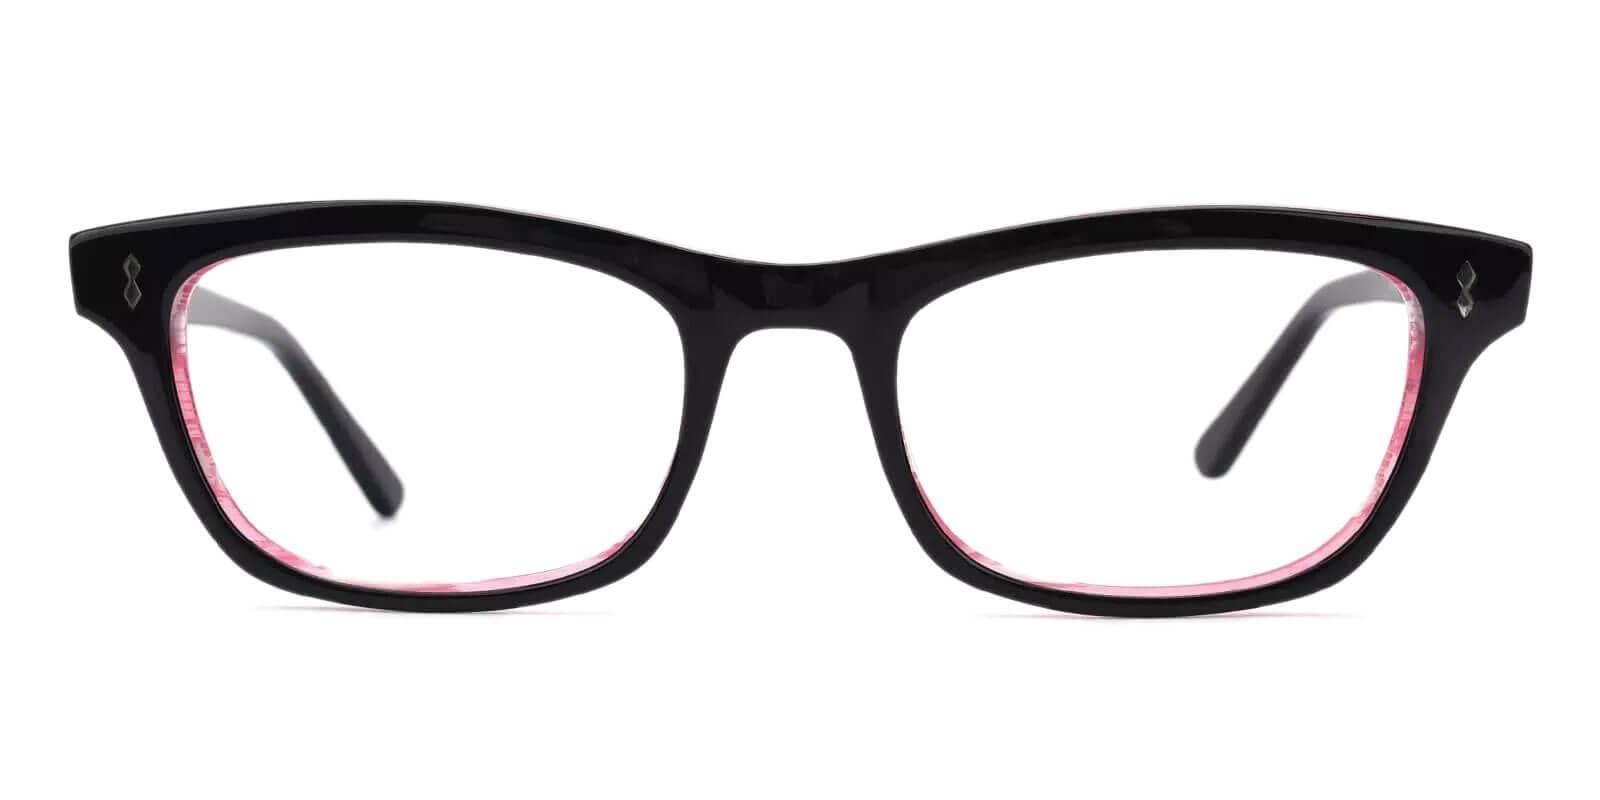 Leaf Pink Acetate Eyeglasses , UniversalBridgeFit Frames from ABBE Glasses